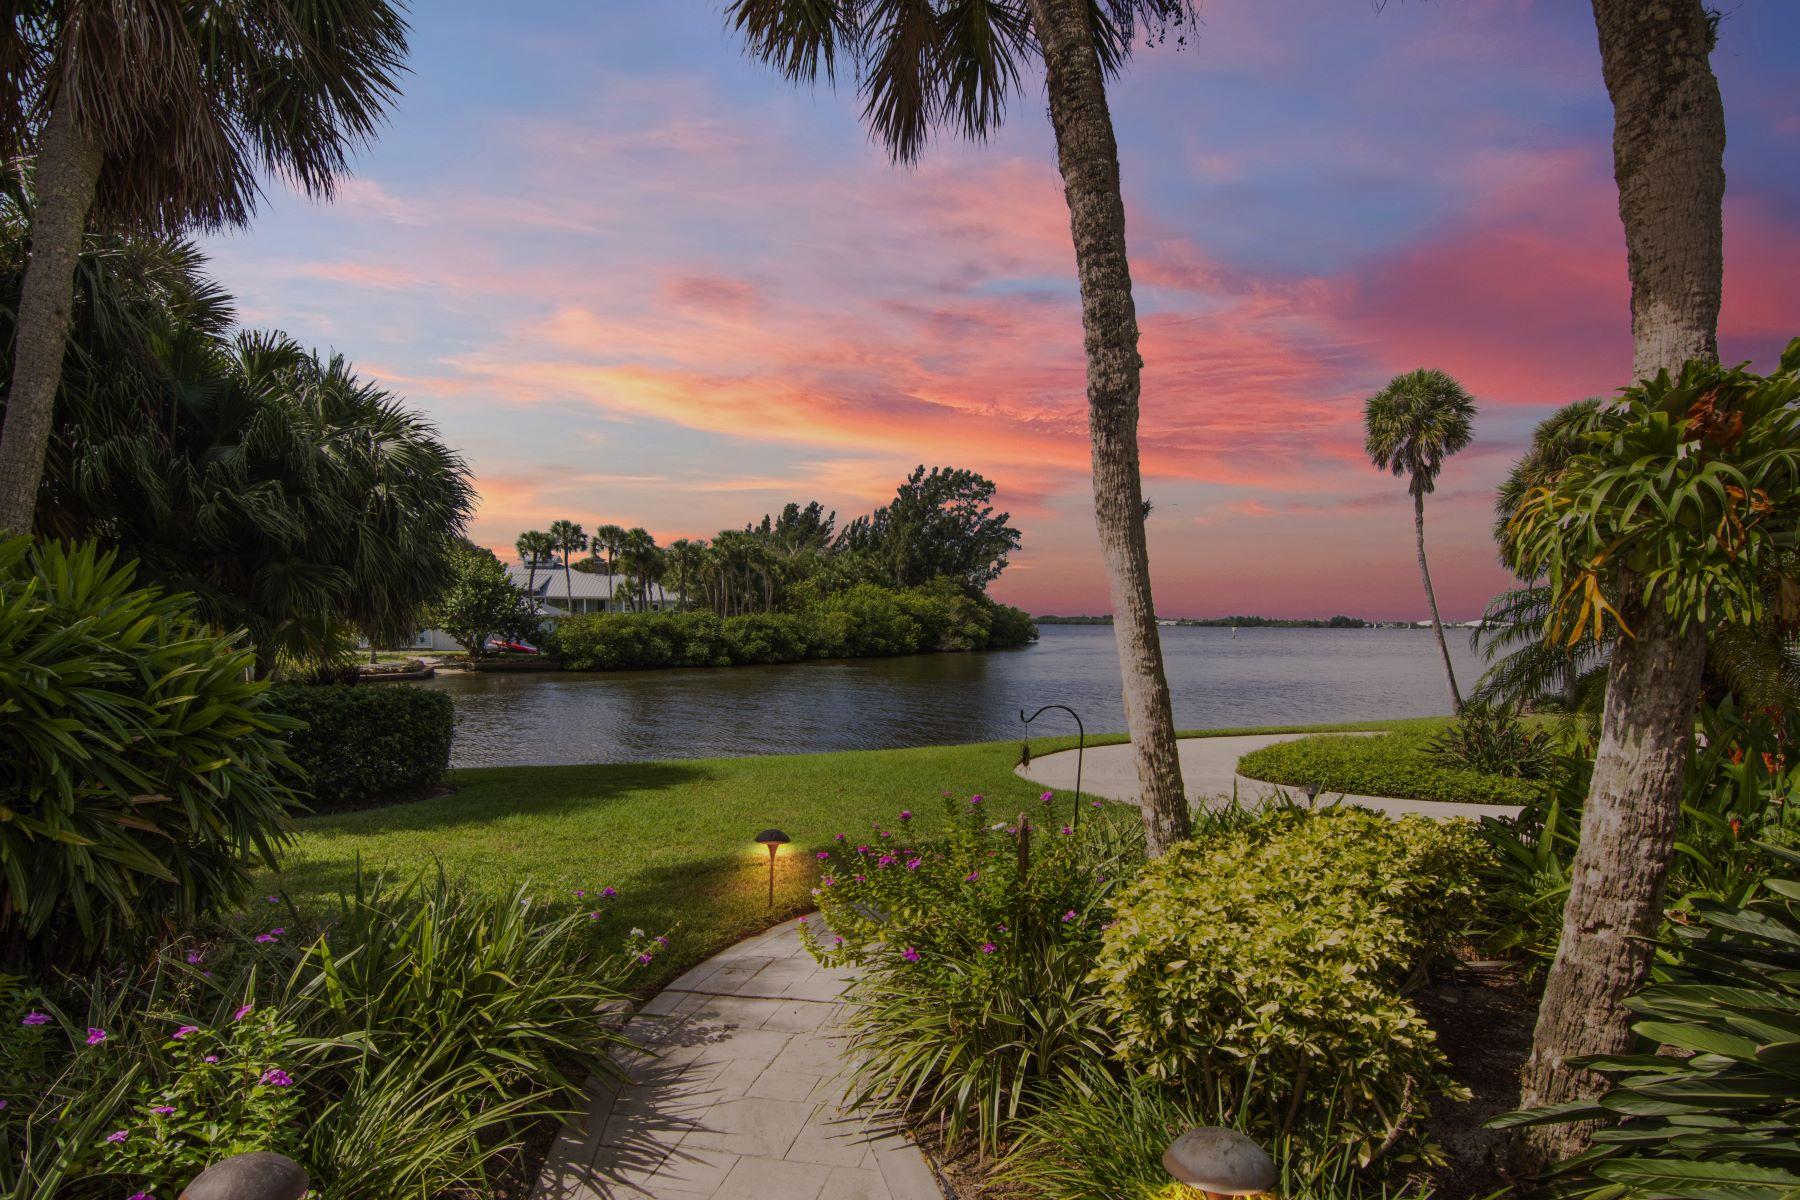 Property for Sale at 1411 E Camino Del Rio, Vero Beach, FL 1411 E Camino Del Rio Vero Beach, Florida 32963 United States